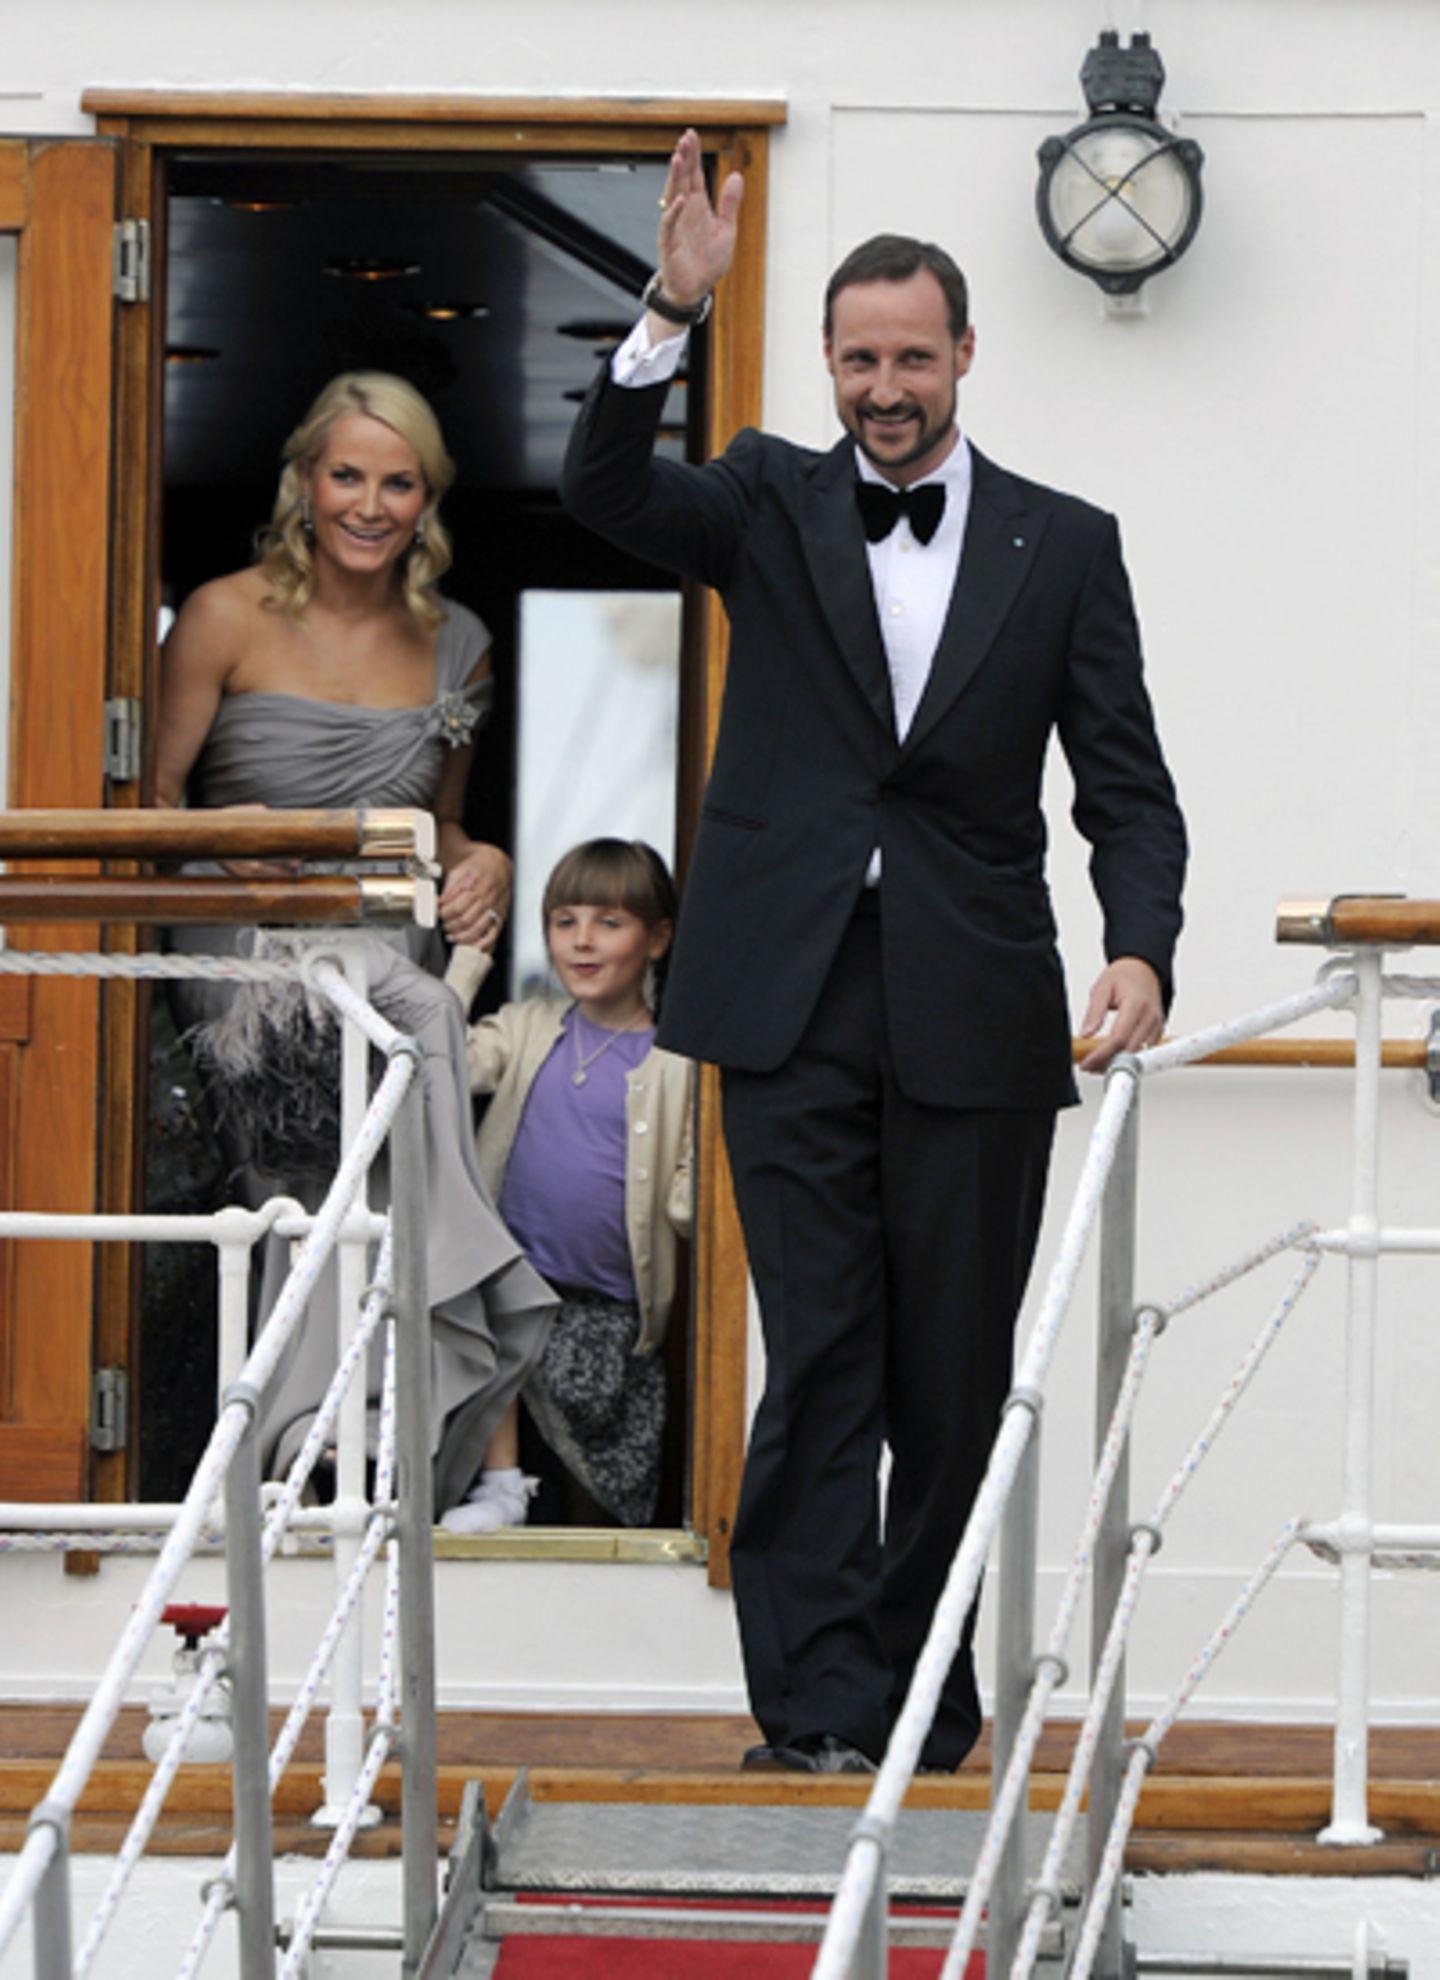 17. Juni 2010: Vom Schiff ins Schloß: Prinzessin Mette-Marit, Prinzessin Ingrid Alexandra und Kronprinz Haakon grüßen vor der Fe